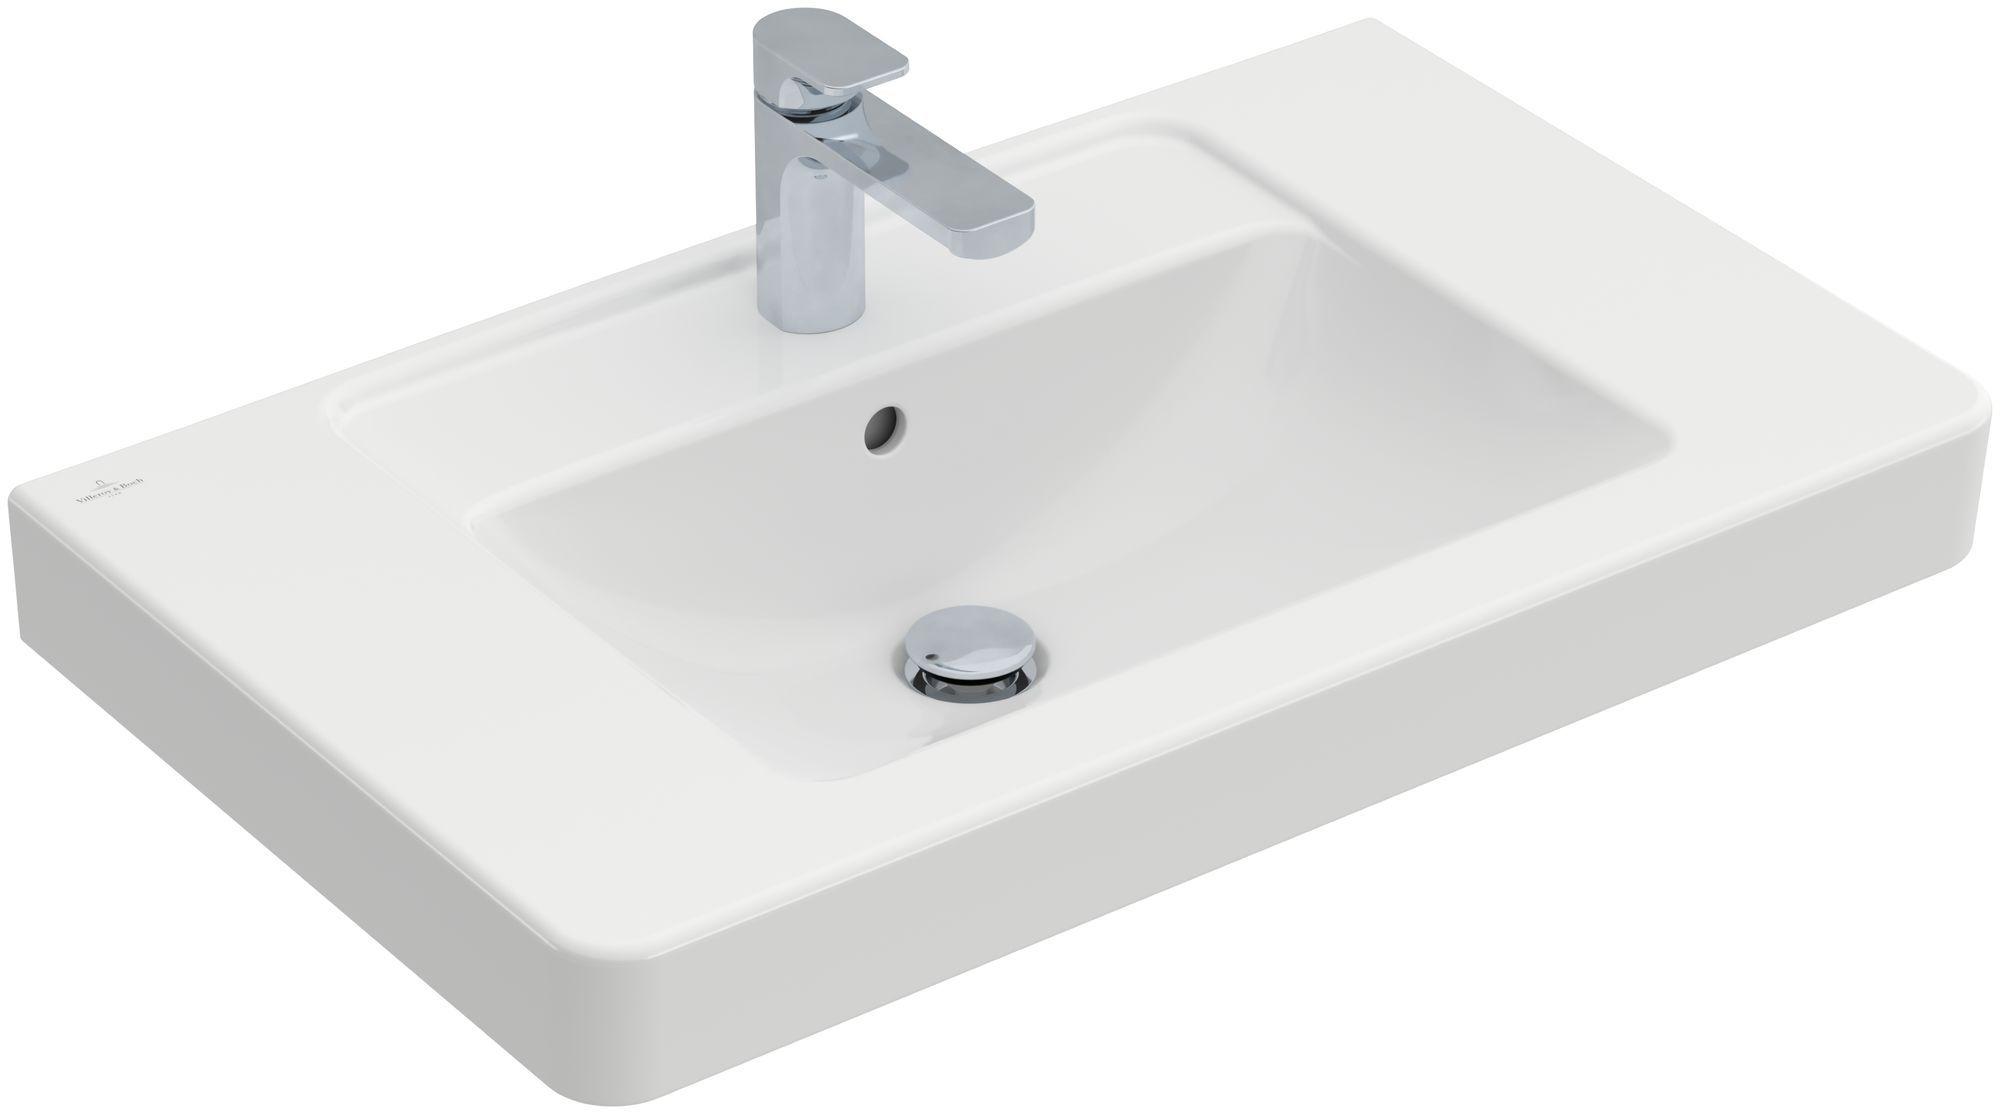 Villeroy & Boch Architectura Möbelwaschtisch B:80xT:48,5cm 1 Hahnloch mit Überlauf weiß mit Ceramicplus 611680R1